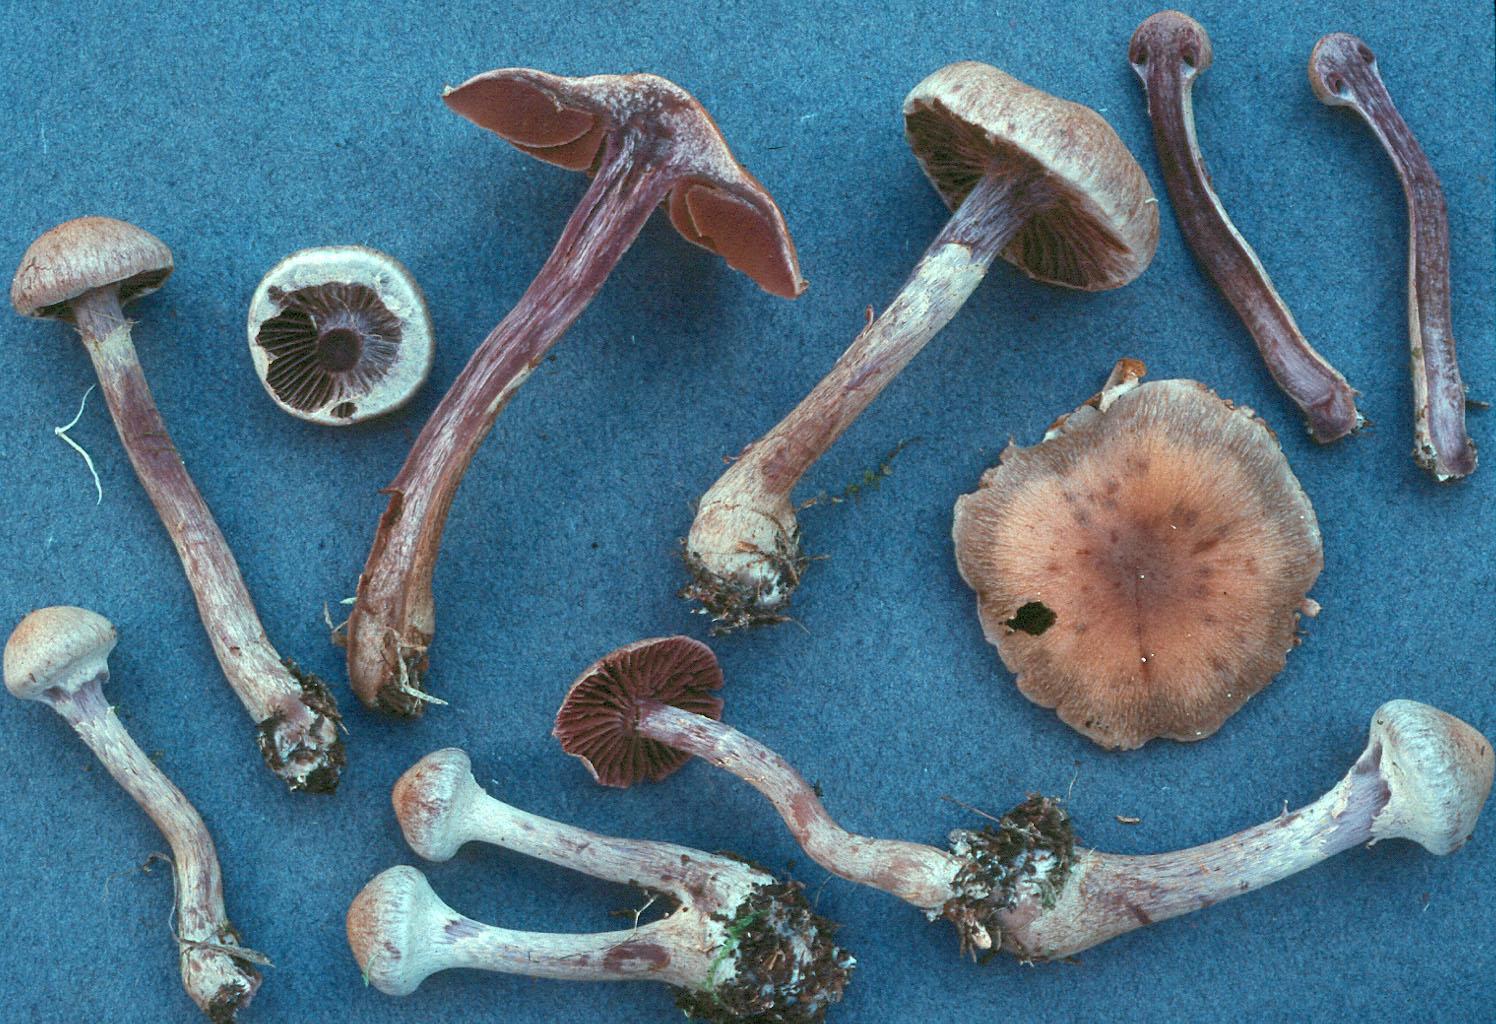 Cortinarius agathosmus